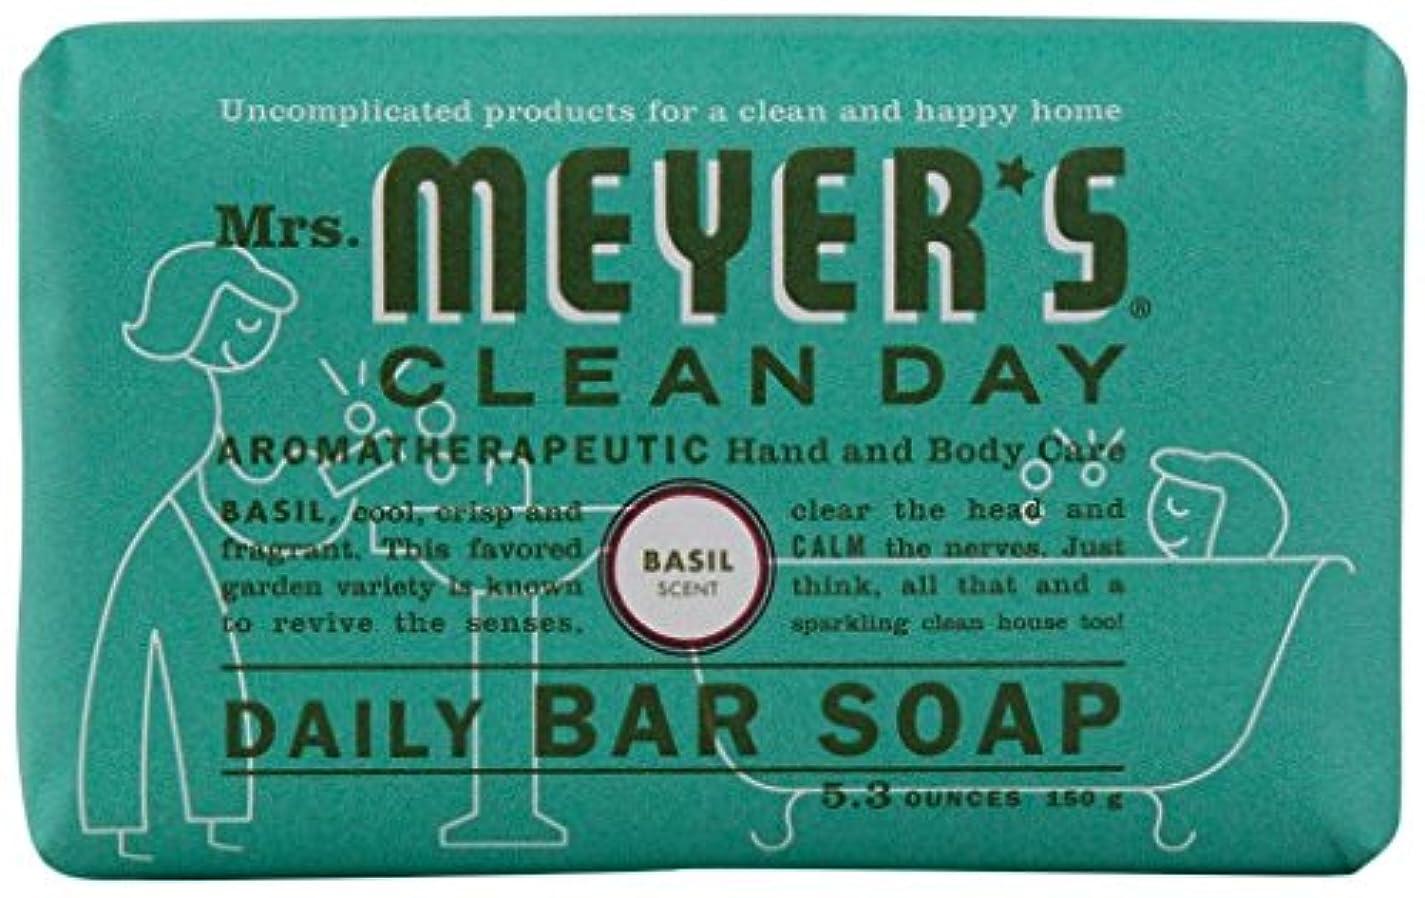 日プロフェッショナル反応するMrs. Meyers Clean Day, Daily Bar Soap, Basil Scent, 5.3 oz (150 g)